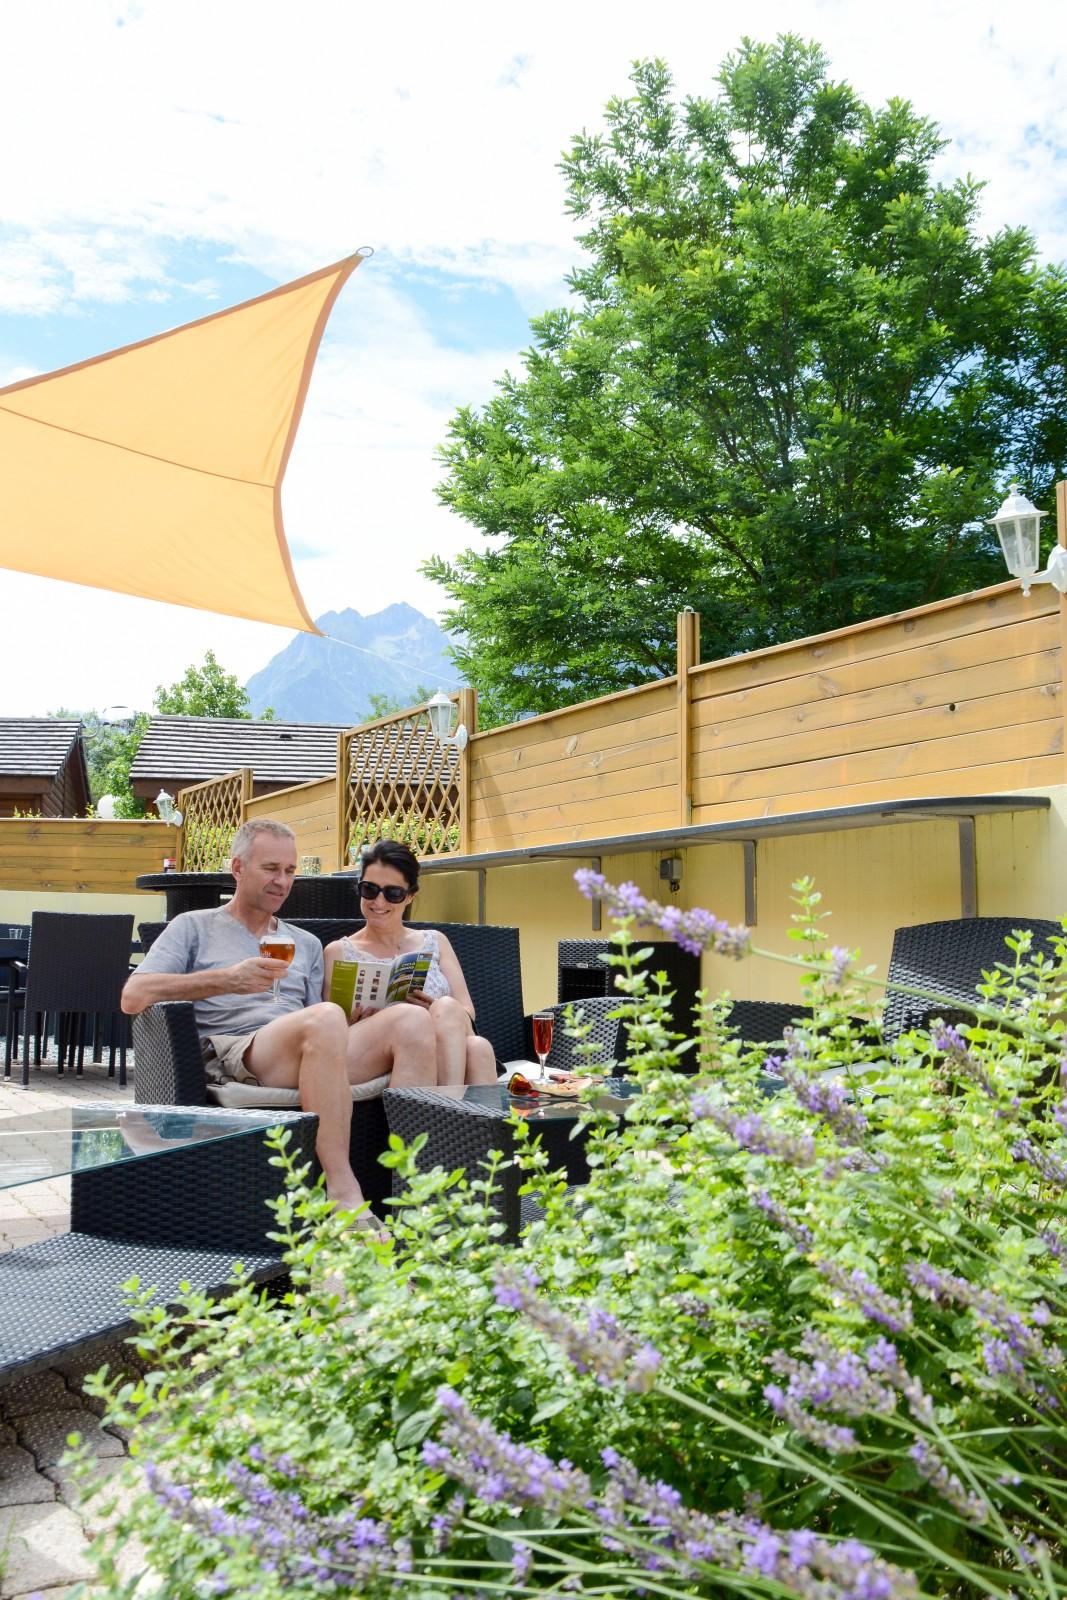 Camping A la Rencontre du Soleil - Franse Alpen - Frankrijk - Go4Holiday